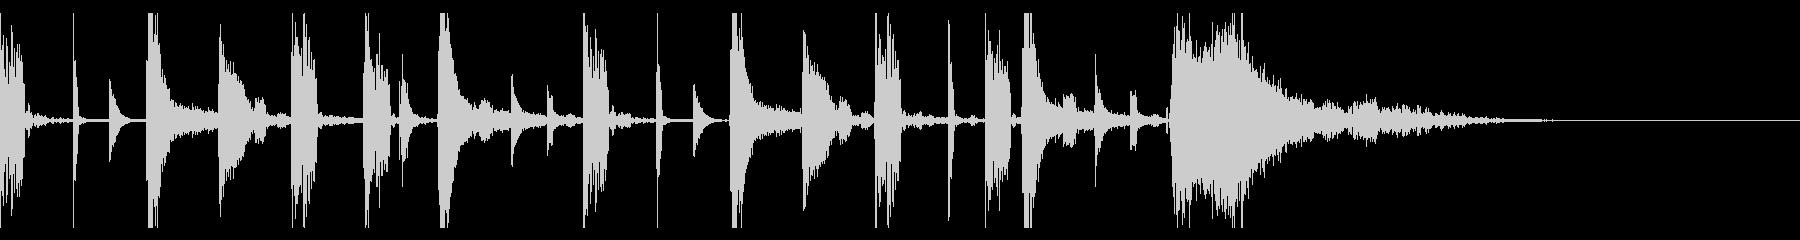 シンプルでスタイリッシュなジングルの未再生の波形